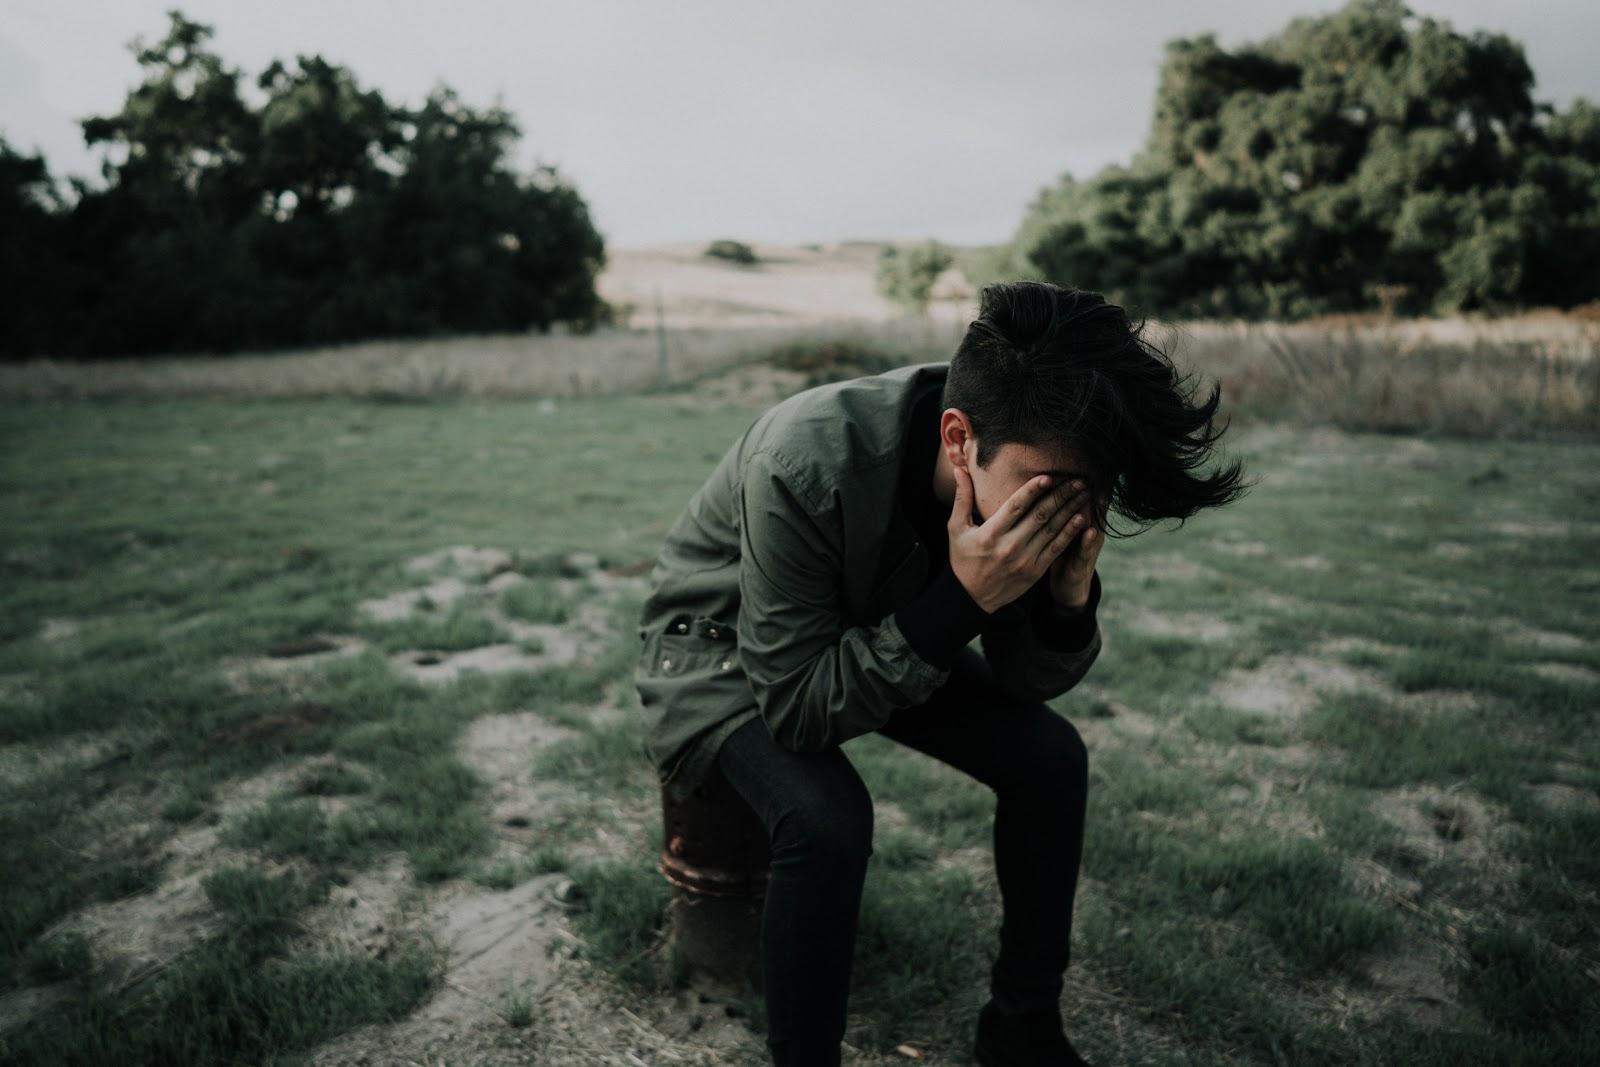 Minor depressive disorder (a complete guide)